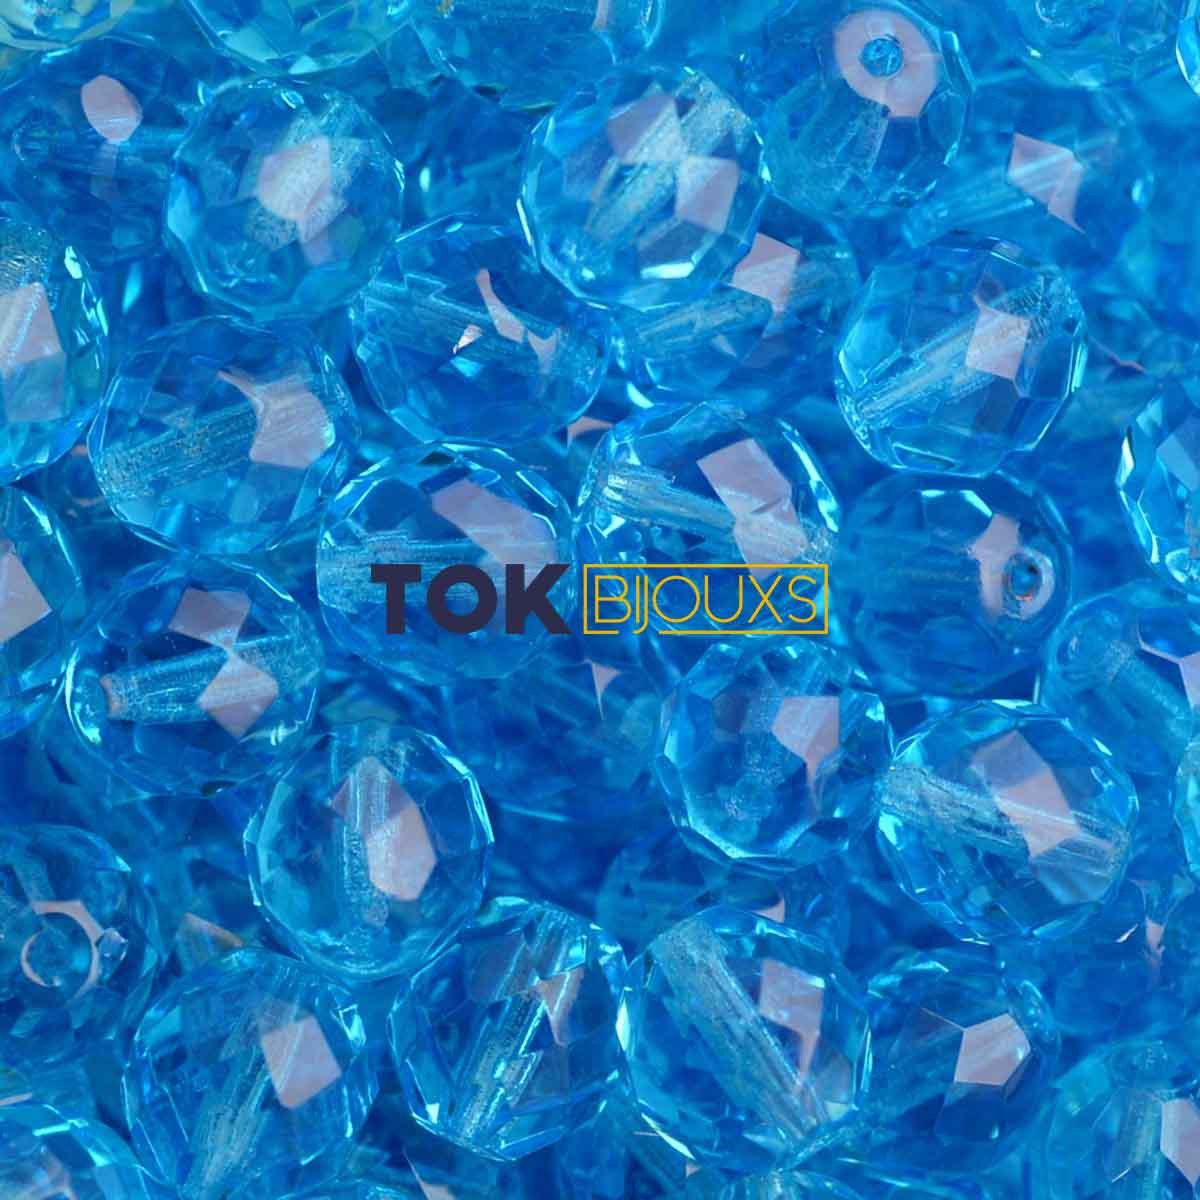 Cristal Jablonex / Preciosa ® 10mm - Azul Claro Transparente - Unidade